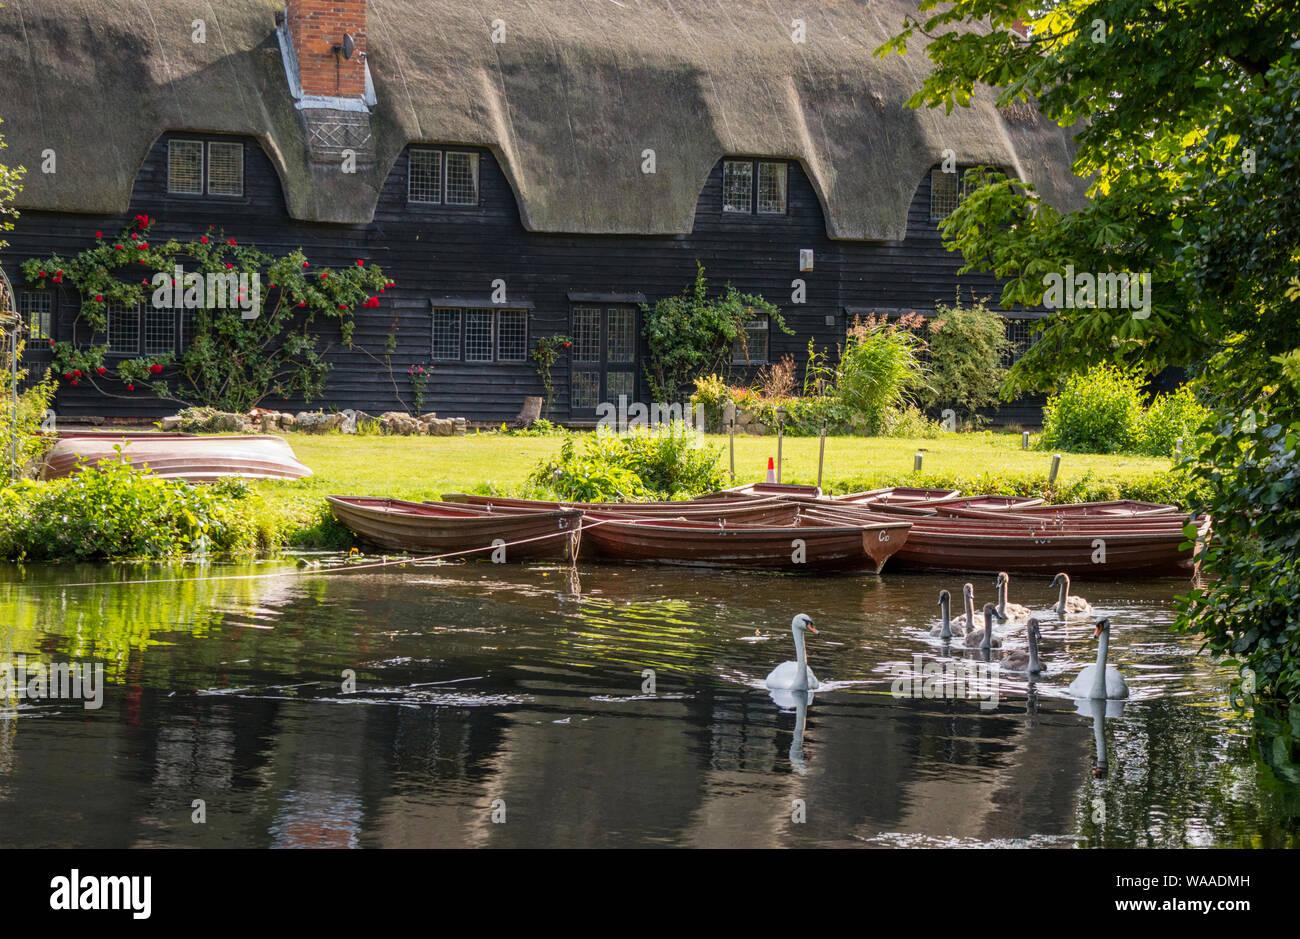 Barques sur la rivière Stour au National Trust's moulin de Flatford rendu célèbre par l'artiste John Constable 1776 -1837, Suffolk, Angleterre, RU Banque D'Images